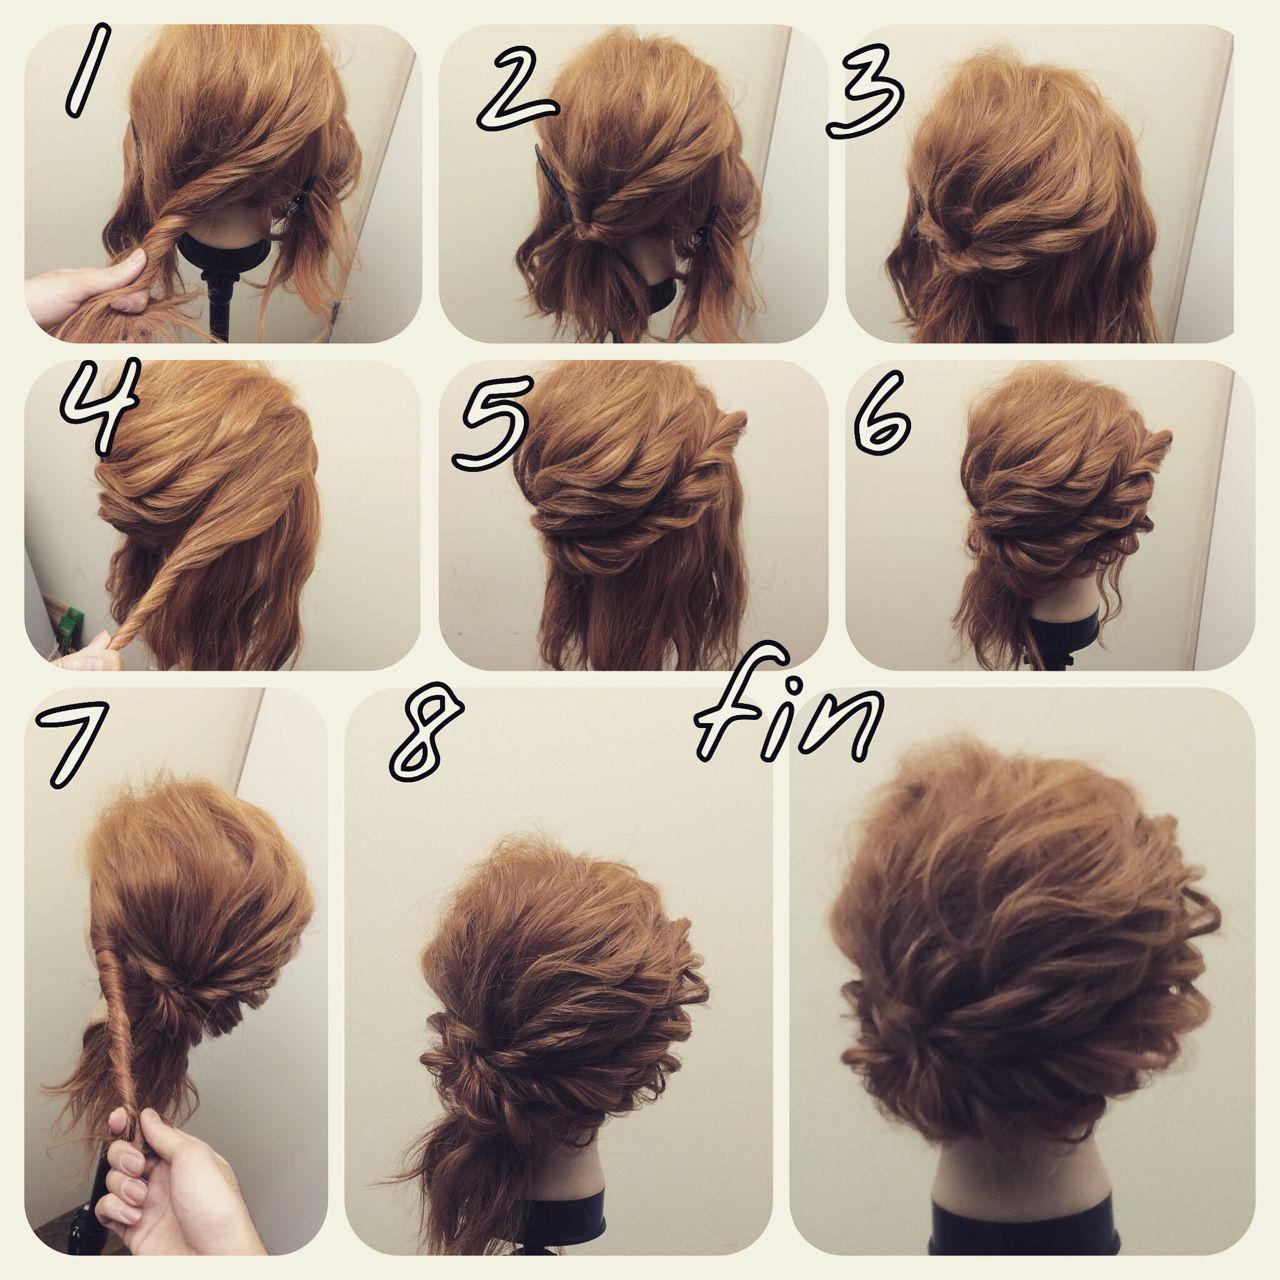 ロング 結婚式 ヘアアレンジ 簡単ヘアアレンジ ヘアスタイルや髪型の写真・画像 | 溝口和也 / Hair Atelier nico...